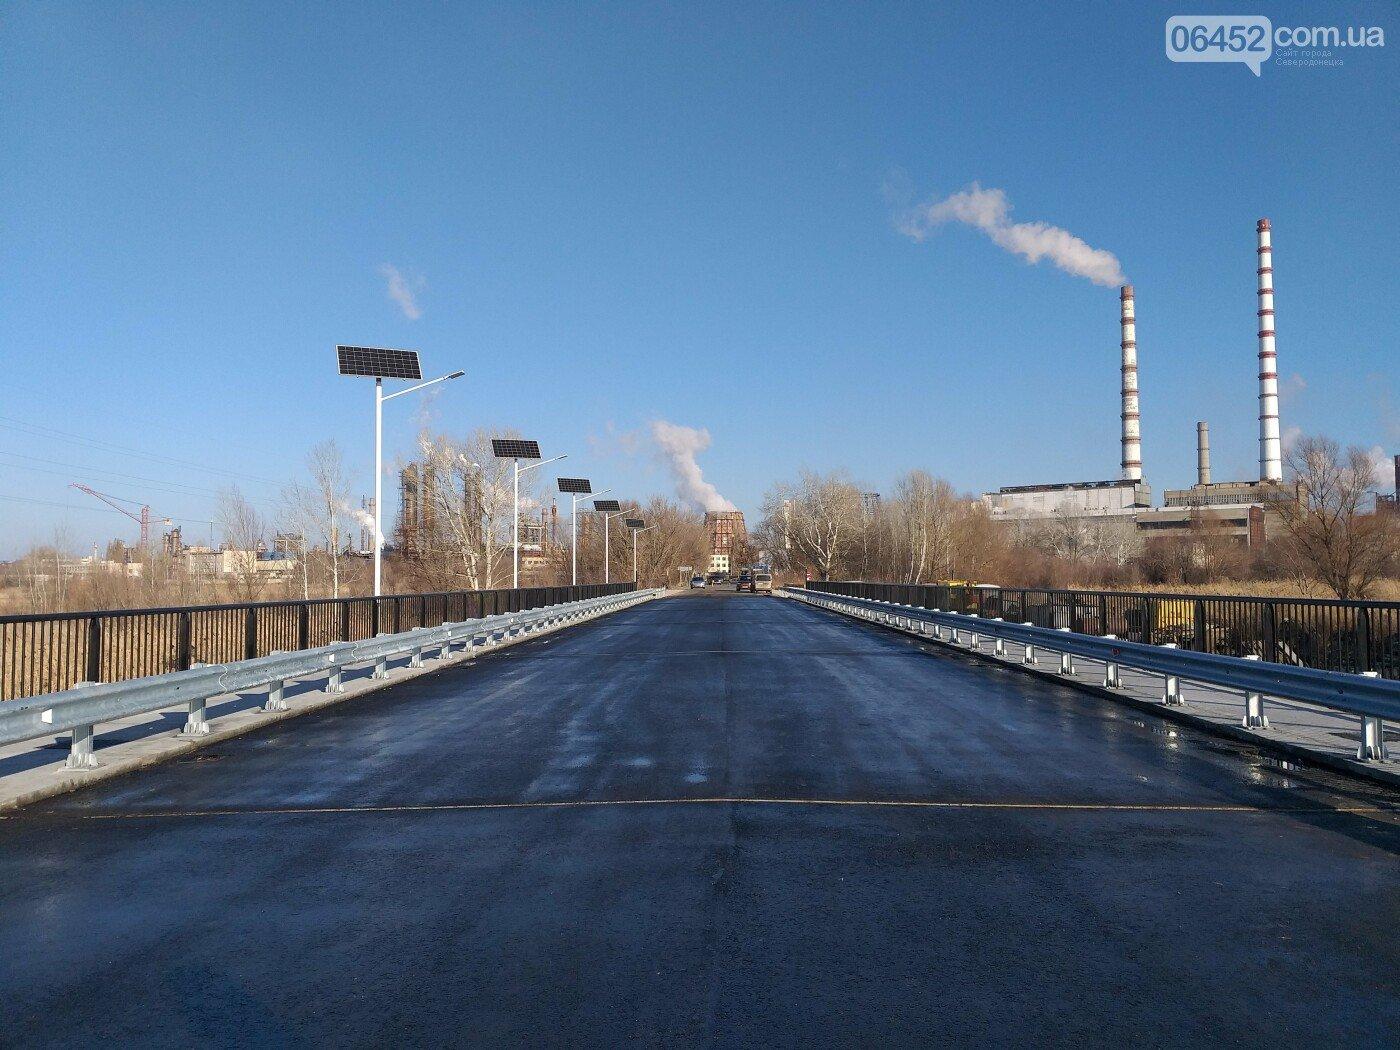 Итоги года в фотографиях. Каким запомнится 2020 жителям Северодонецка, фото-59